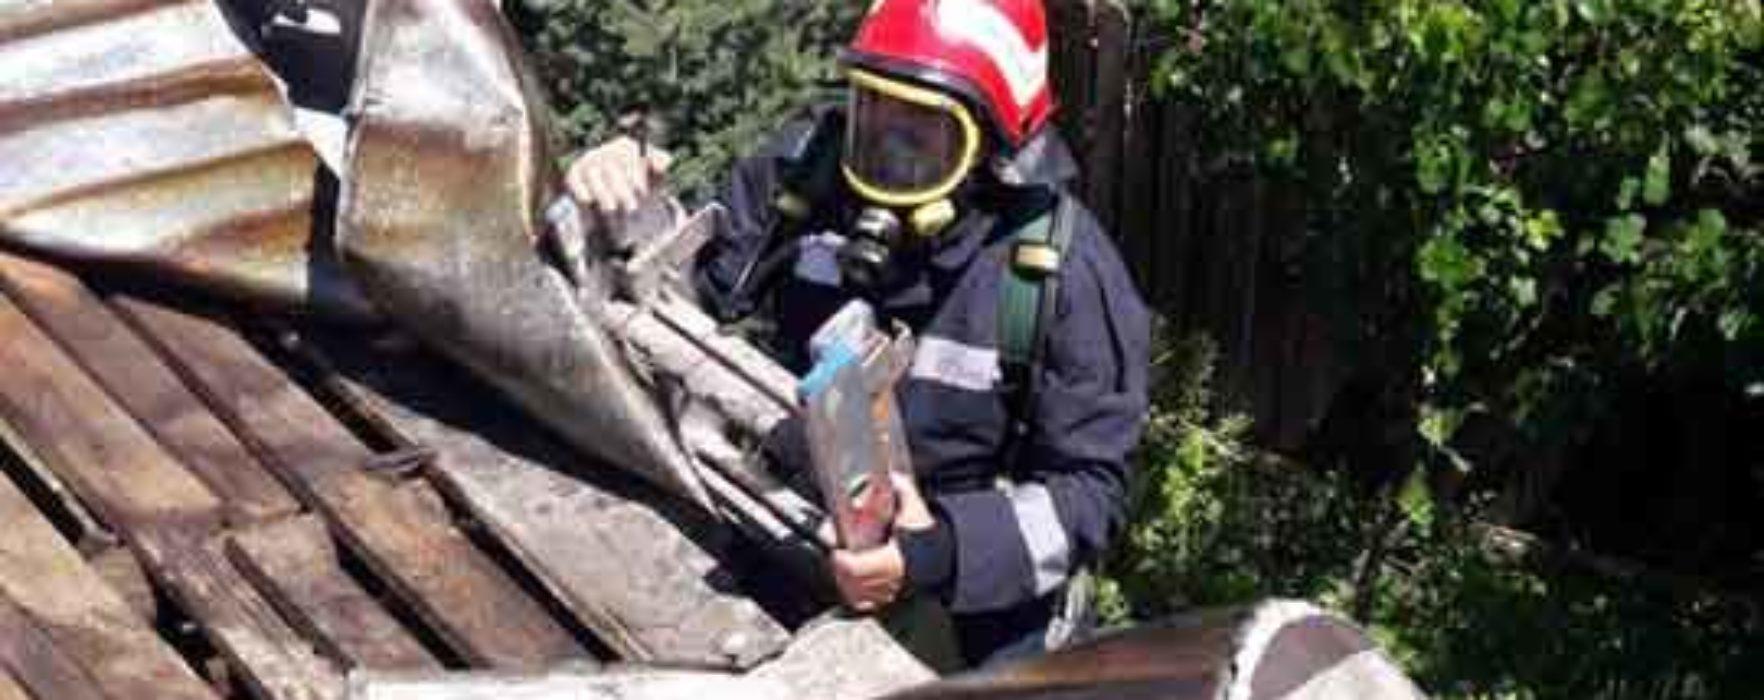 Dâmboviţa: Bătrân de 83 de ani a murit într-un incendiu izbucnit de la un aragaz alimentat de la butelie